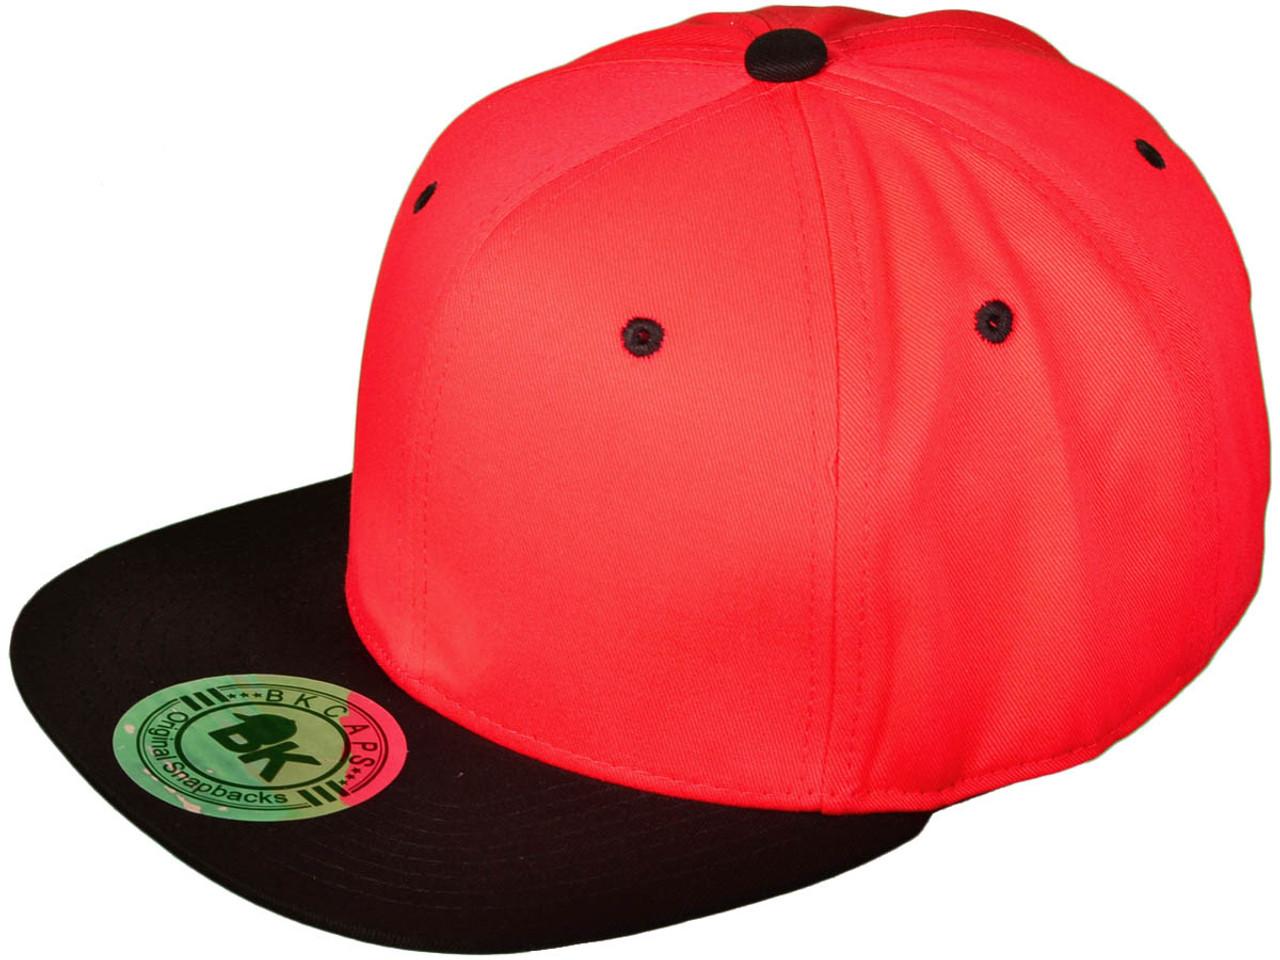 d0fbbff536c Flat Bill Blank Plain Snapback Hats - BK Caps Cotton w  Green Underbill  (Red Black) - 21144